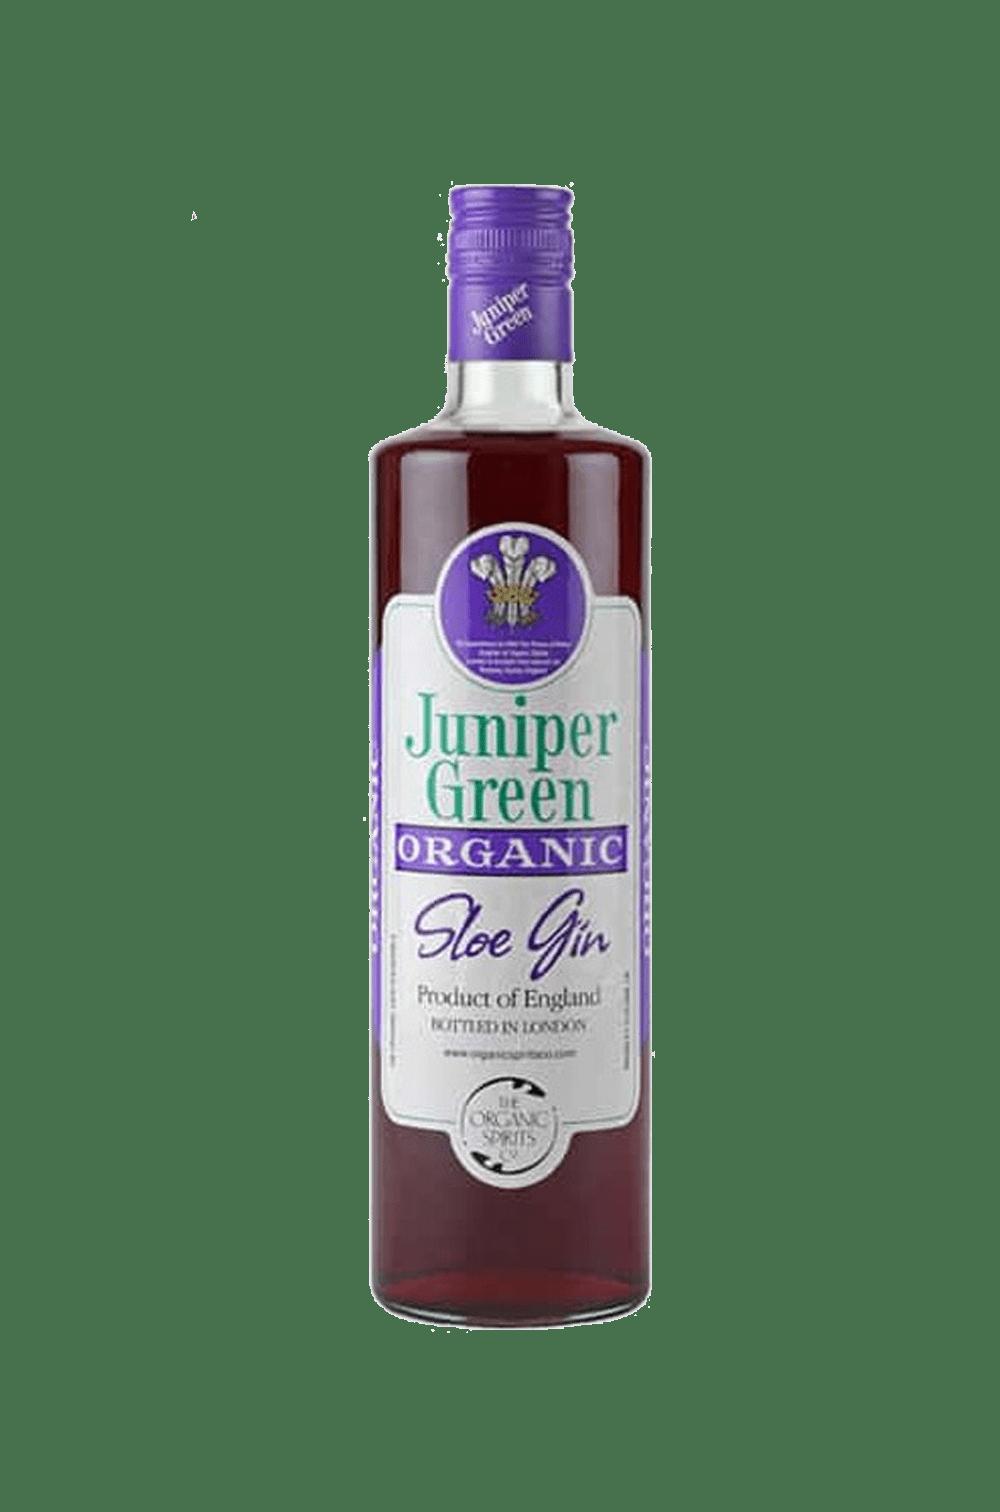 Juniper Green Sloe Gin